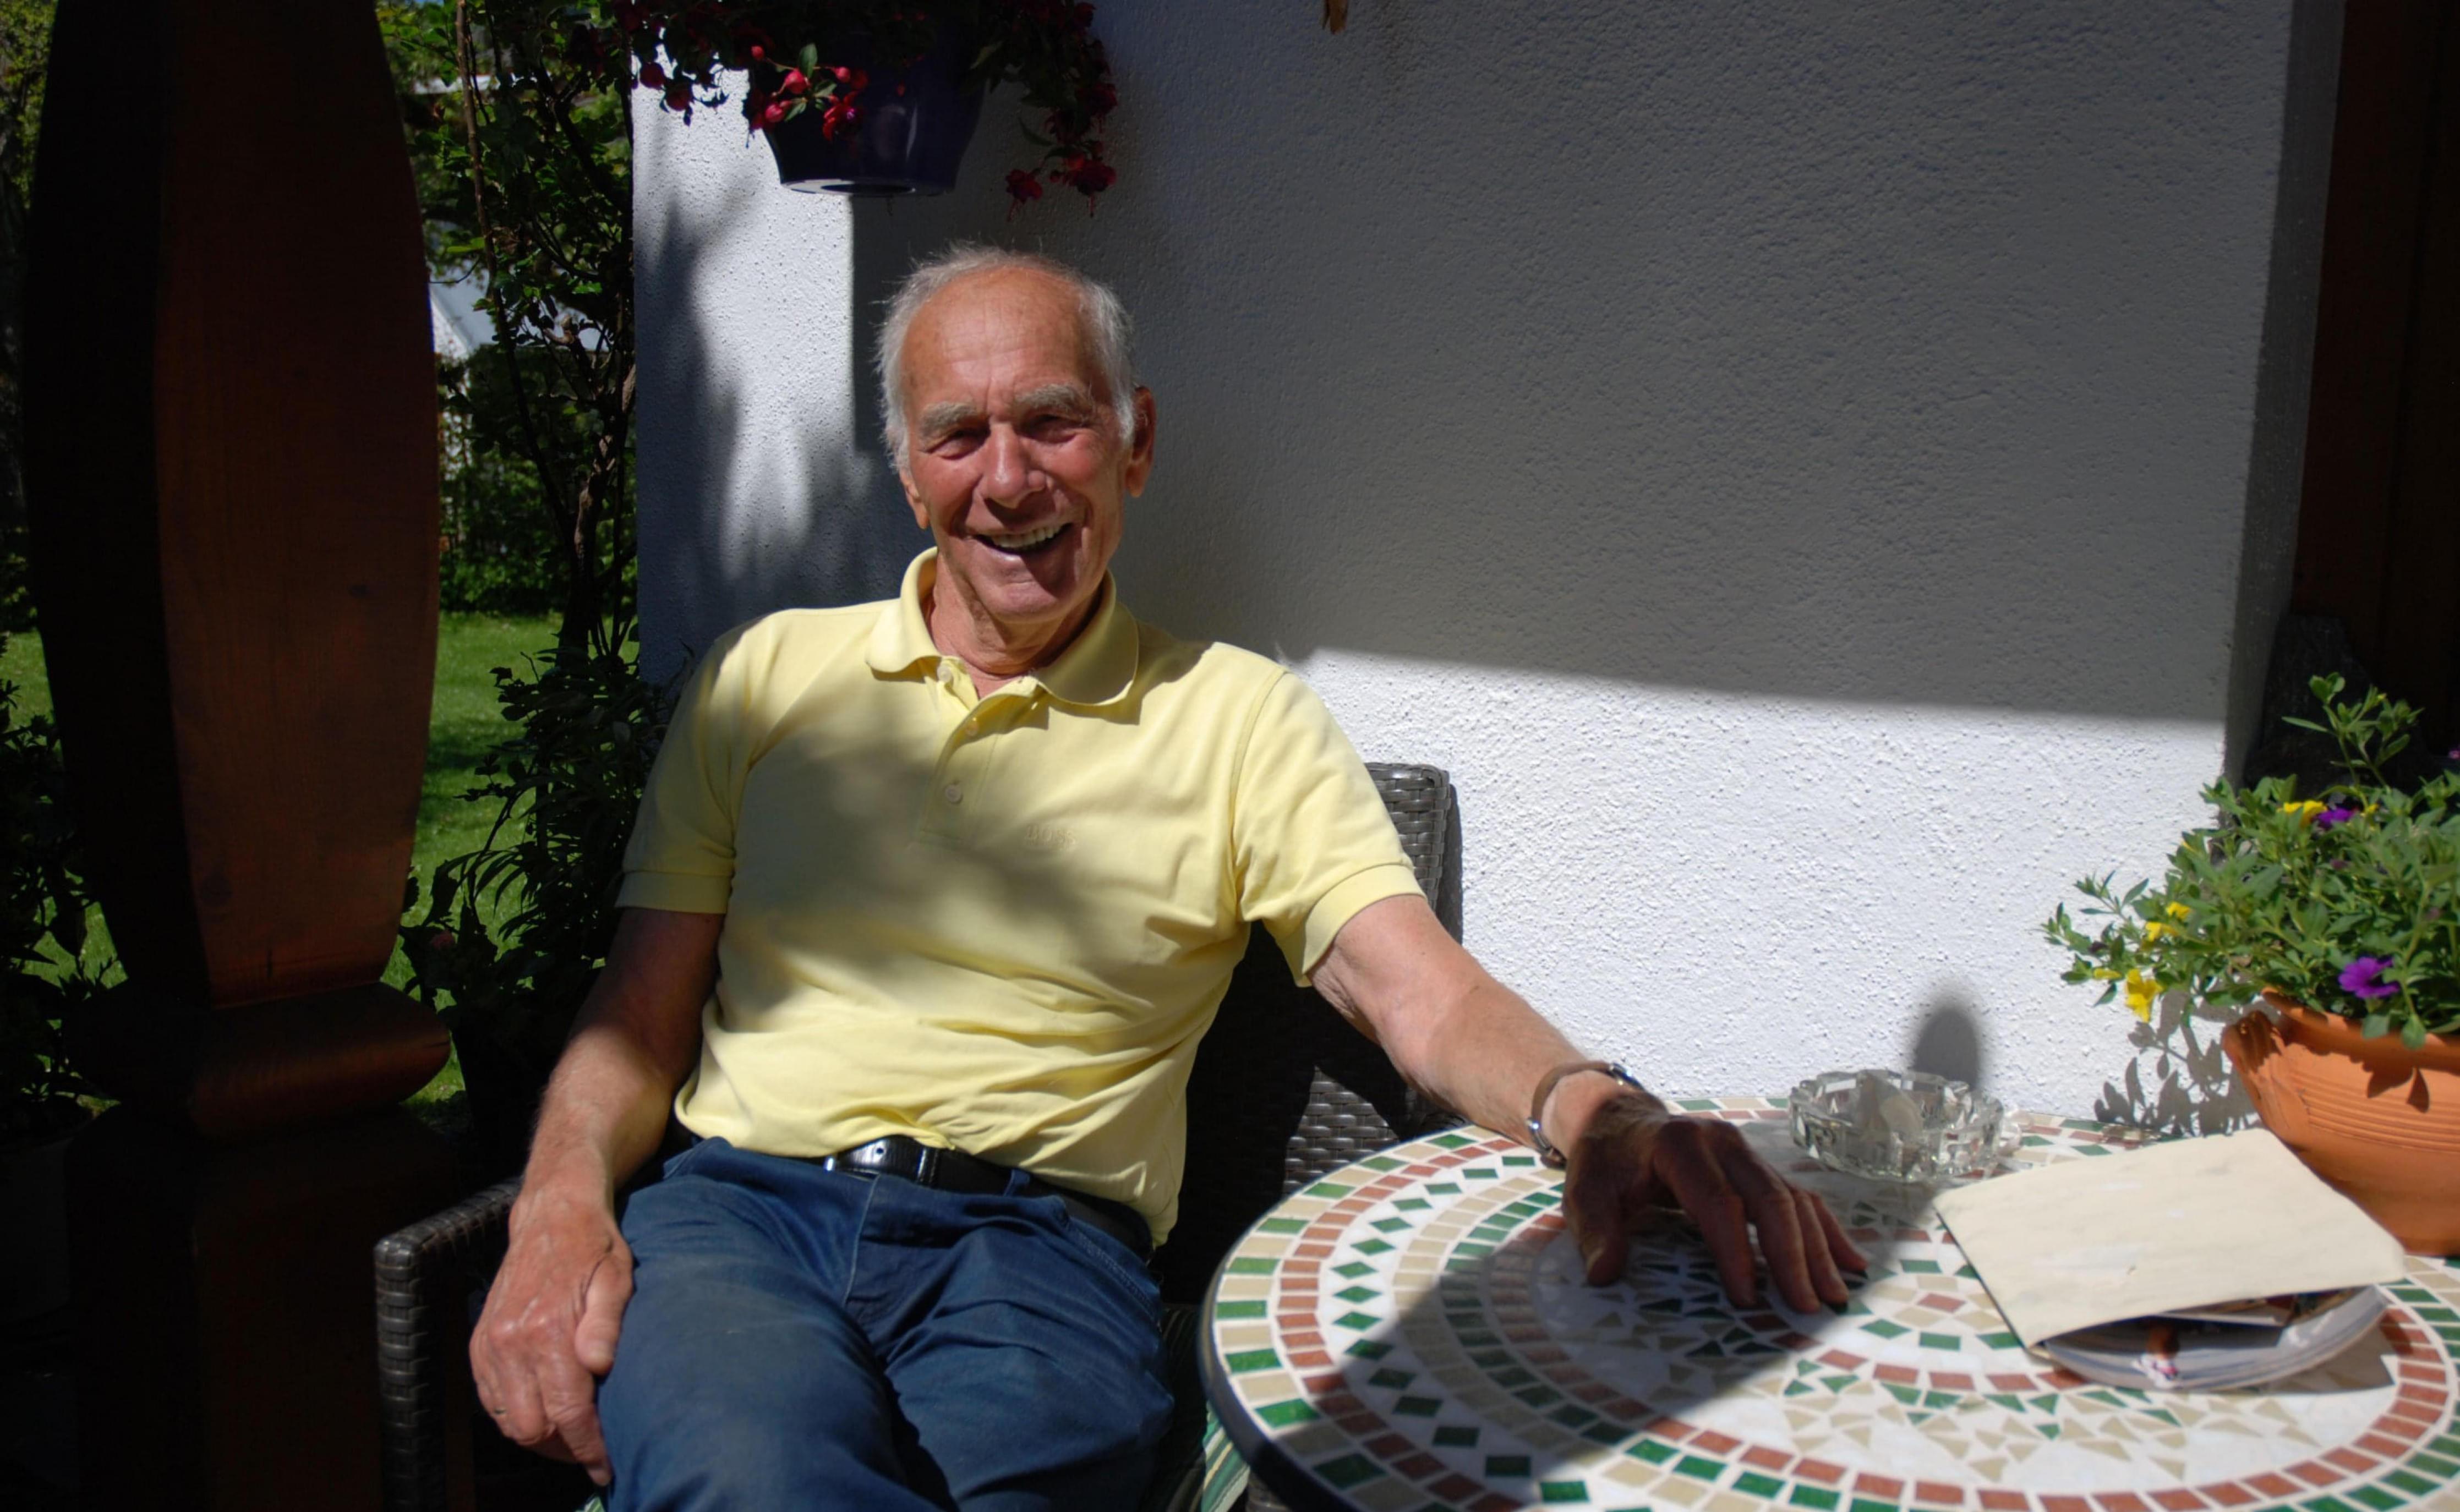 Chat Chat Bekanntschaften Kitzbuehel - Sie sucht Ihn